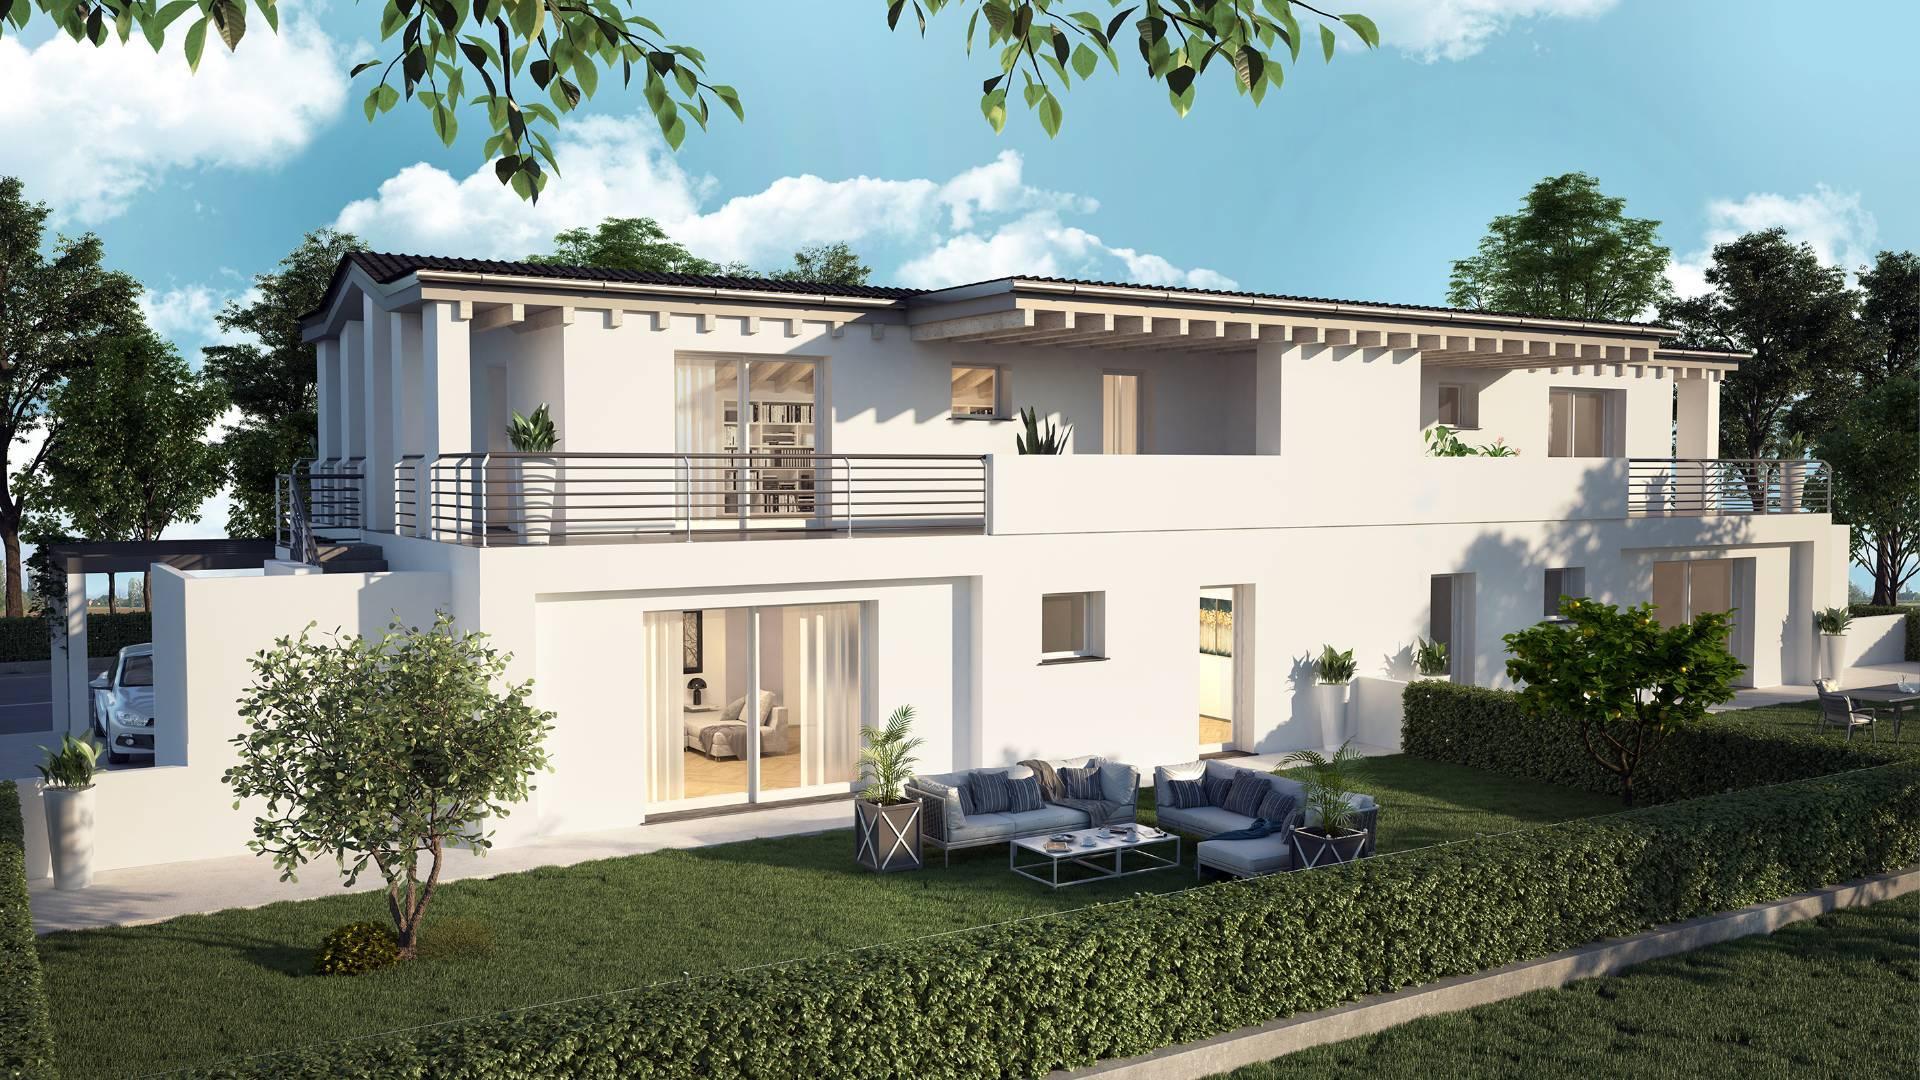 Appartamento in vendita a San Martino di Lupari, 4 locali, prezzo € 190.000 | CambioCasa.it